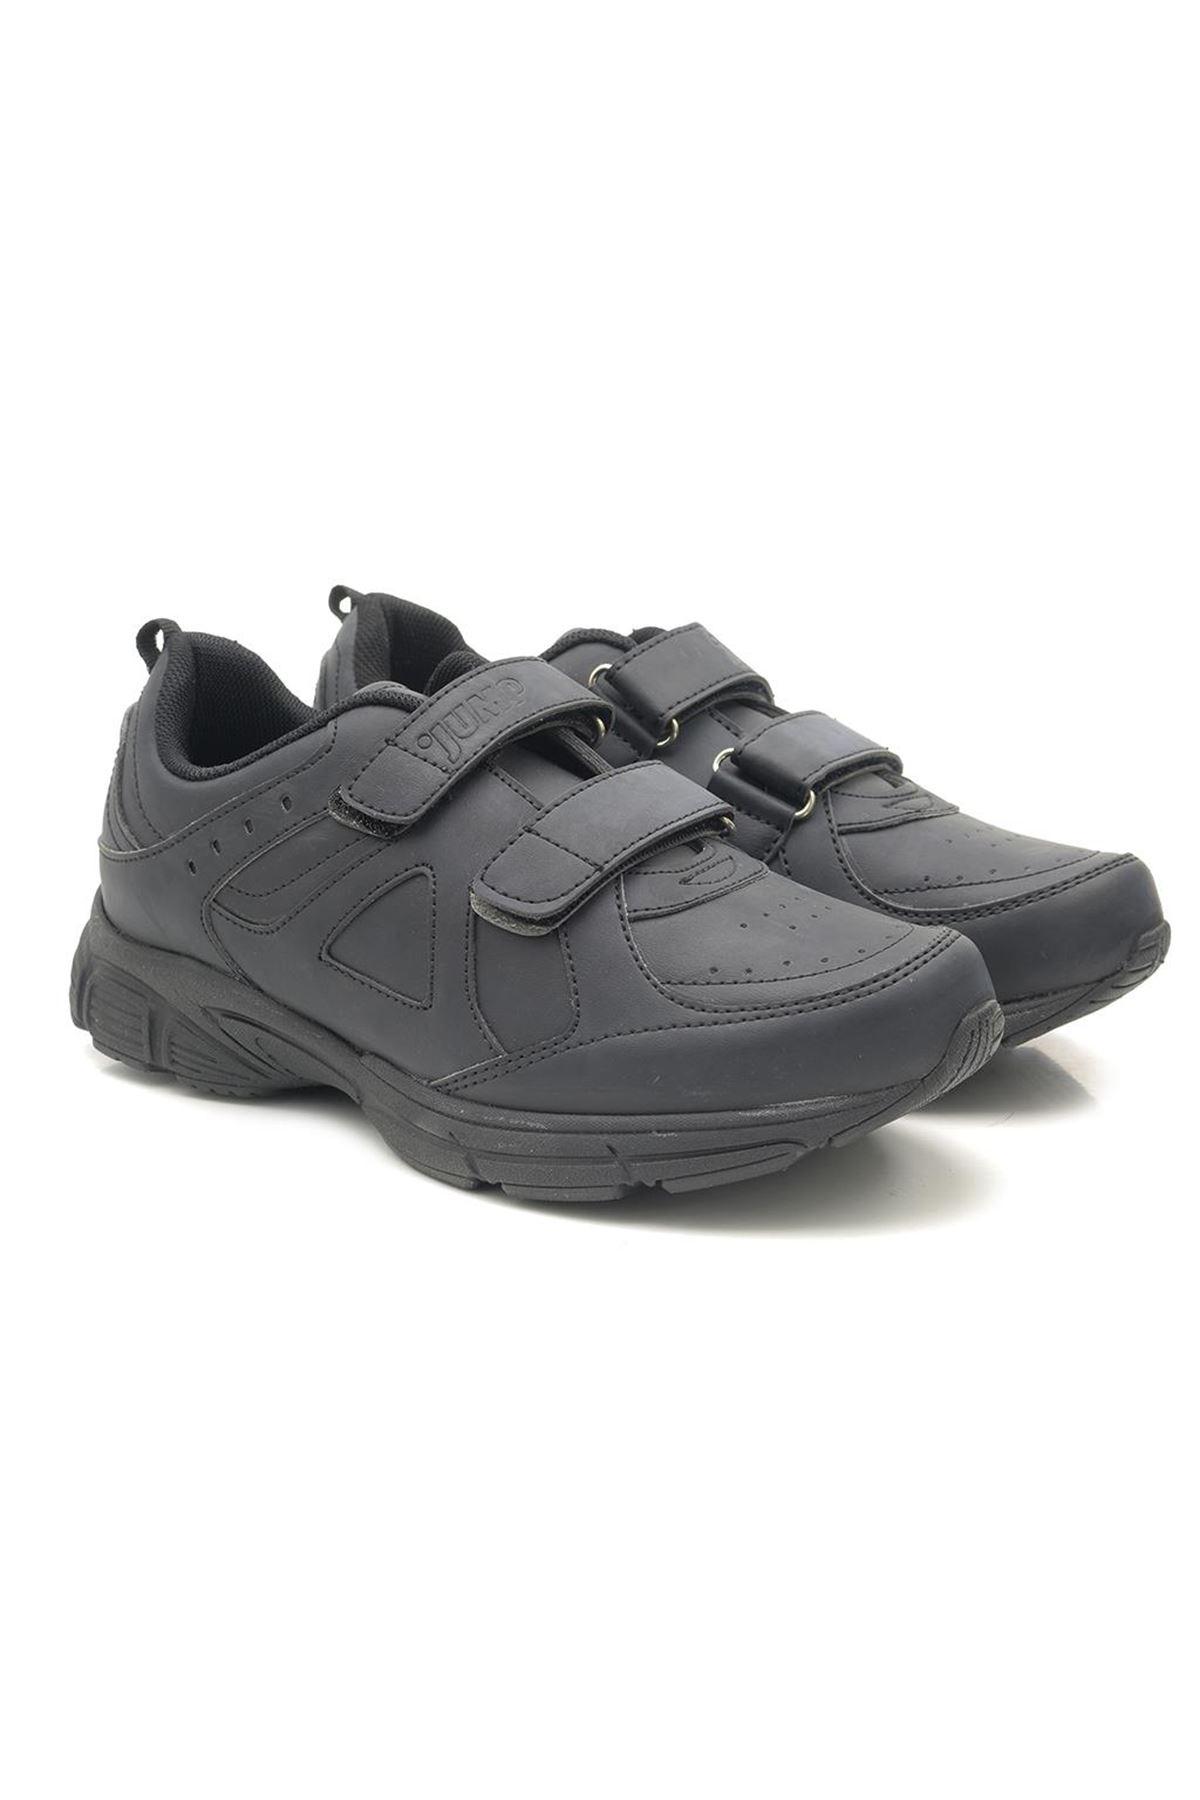 Jump Cırt Cırtlı Unisex Spor Ayakkabı